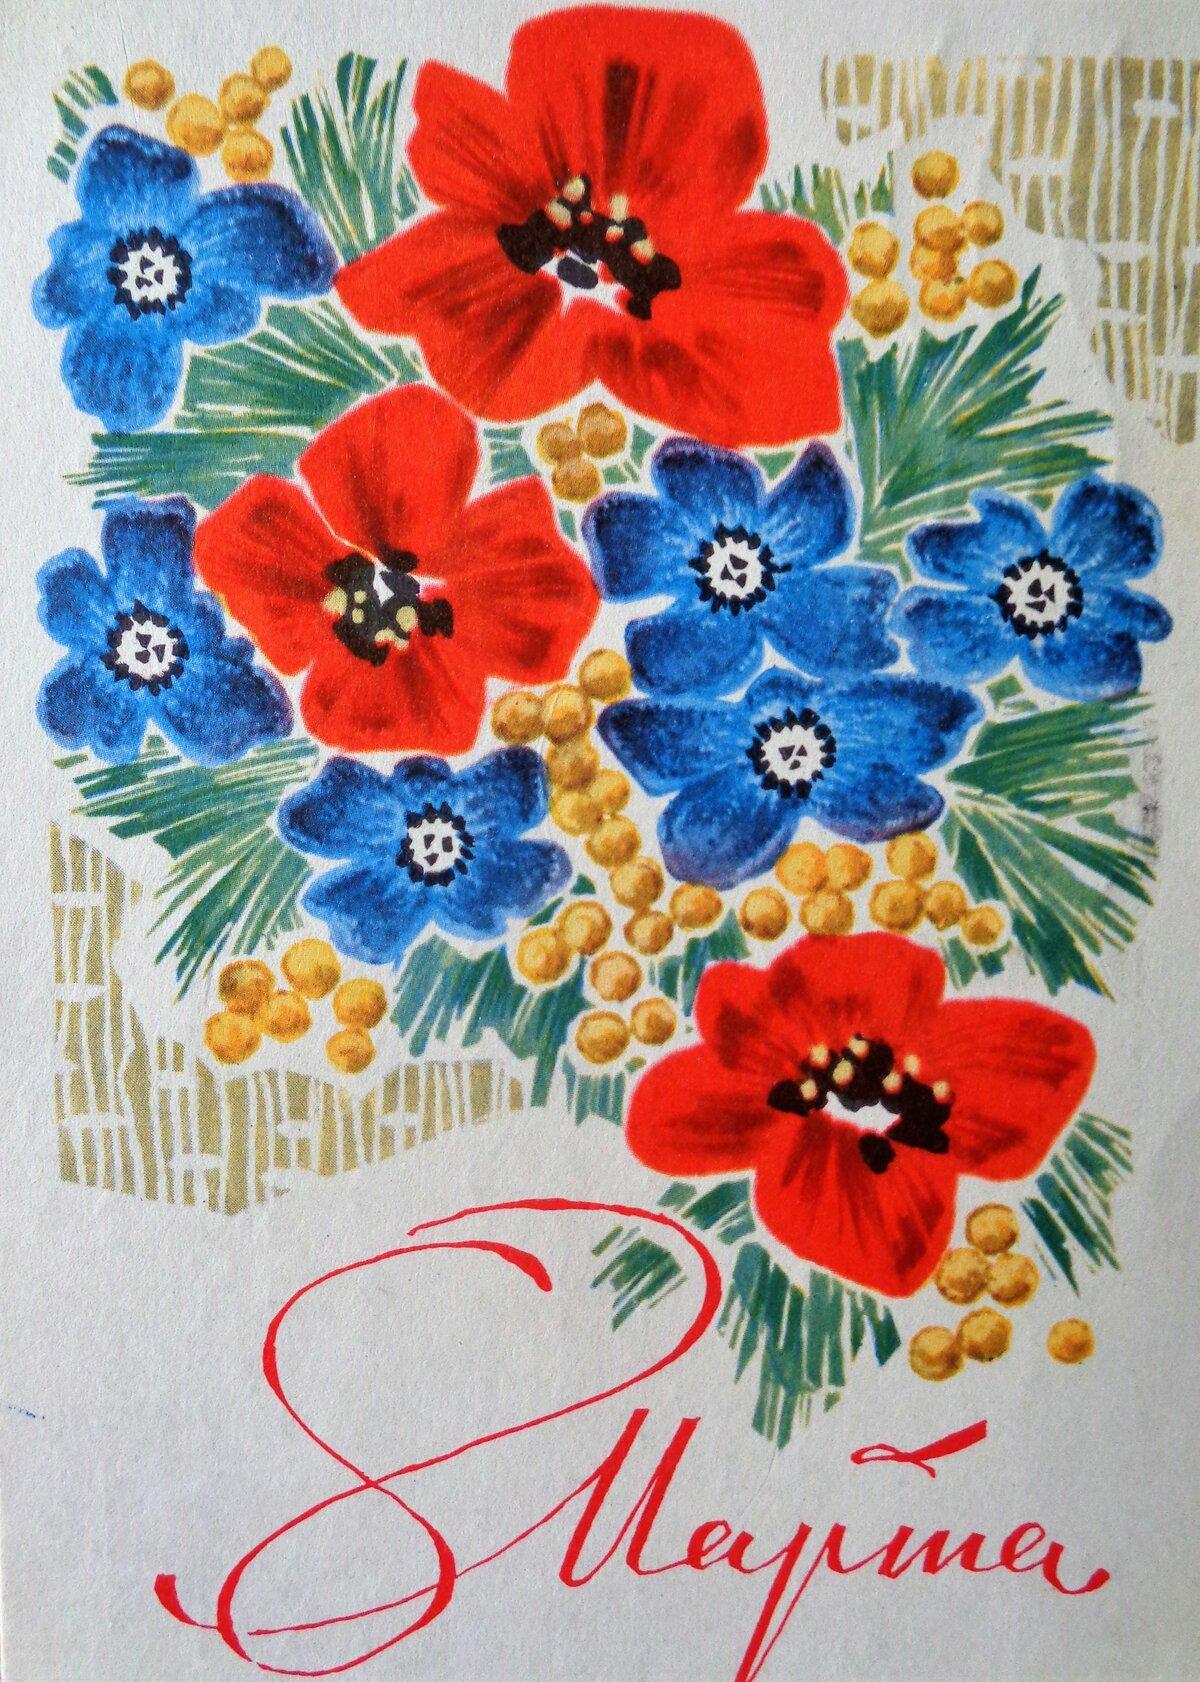 характеристики поздравительные открытки например конек